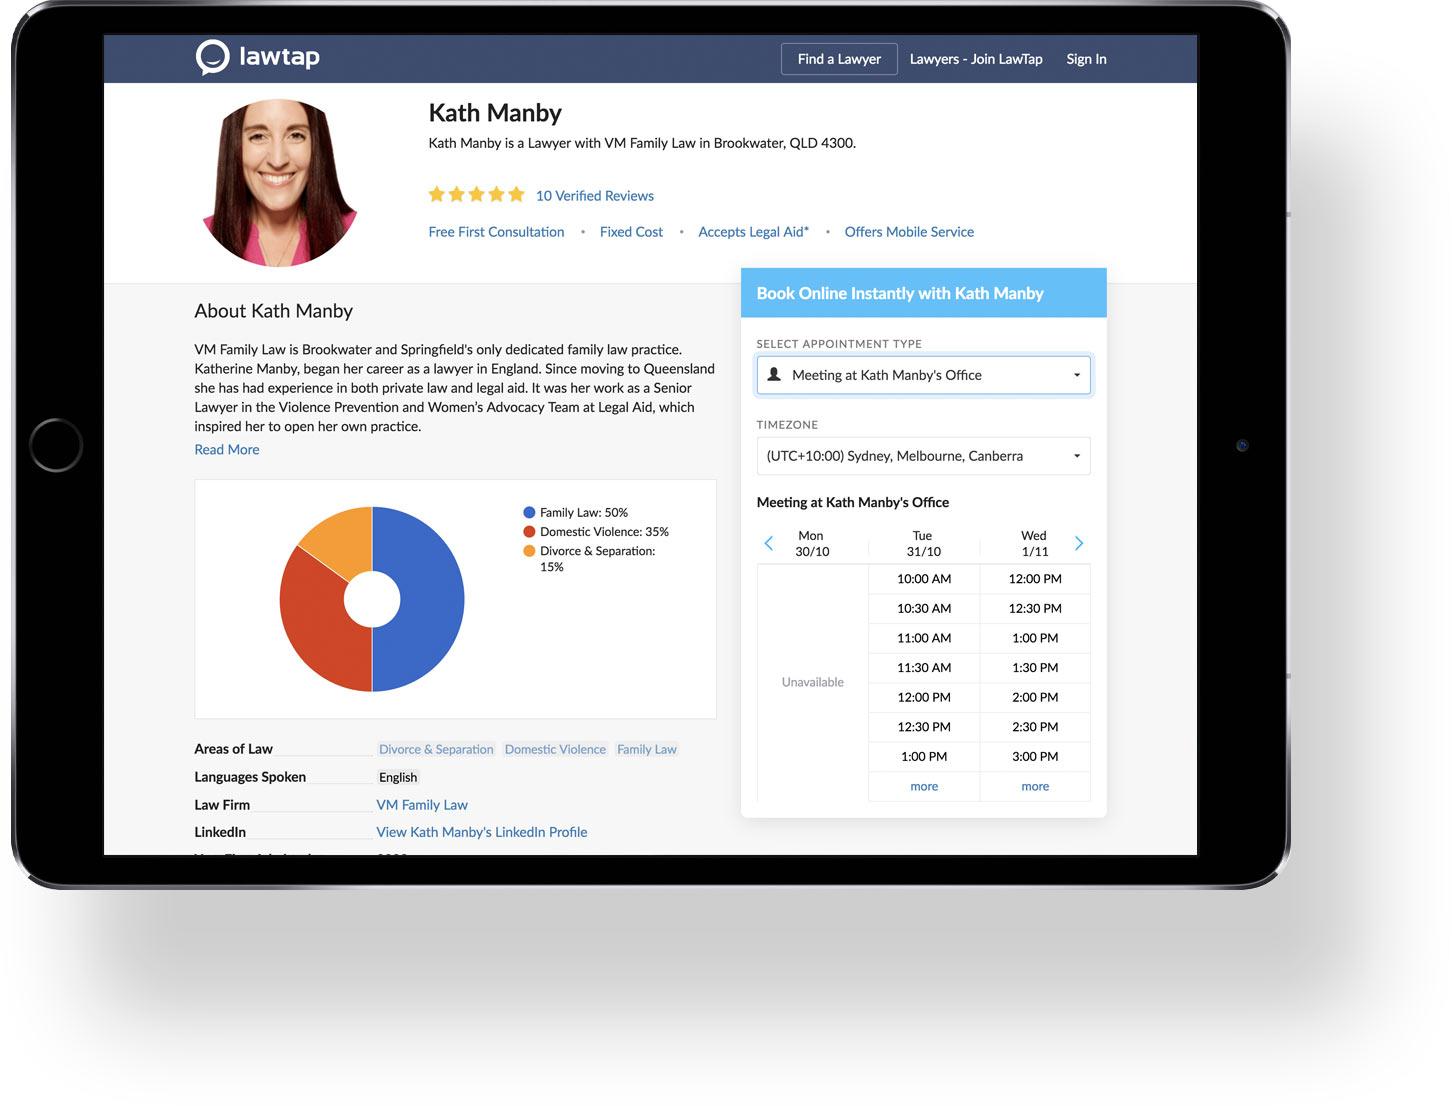 LawTap Profile on iPad